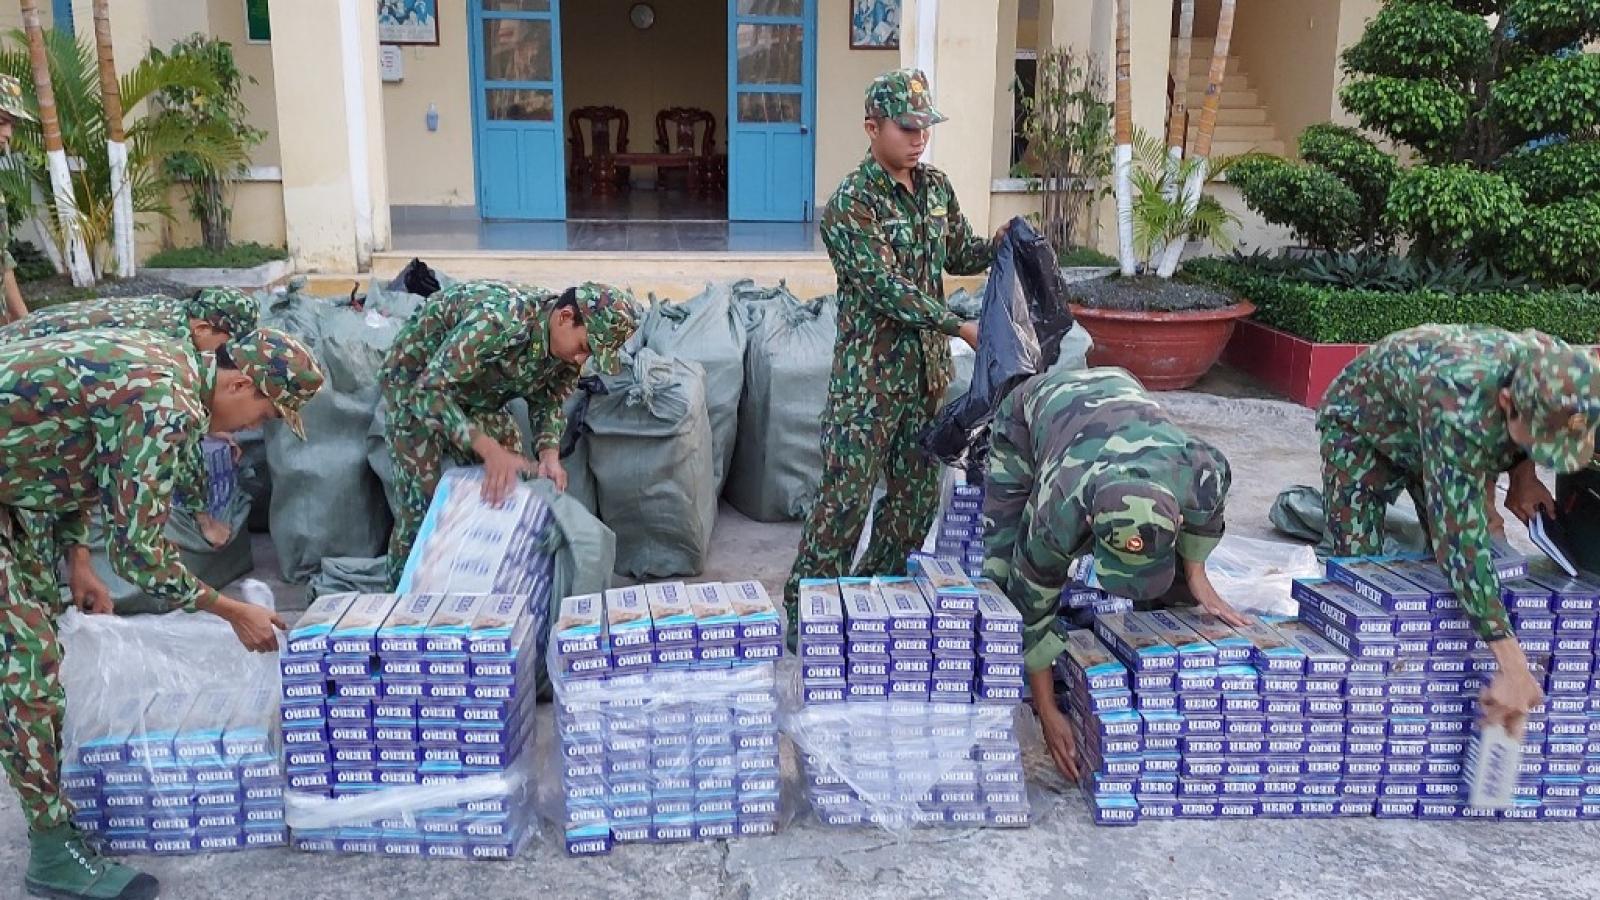 Kiên Giang: Bắt giữ hơn 21.000 gói thuốc lá vận chuyển trái phép qua biên giới